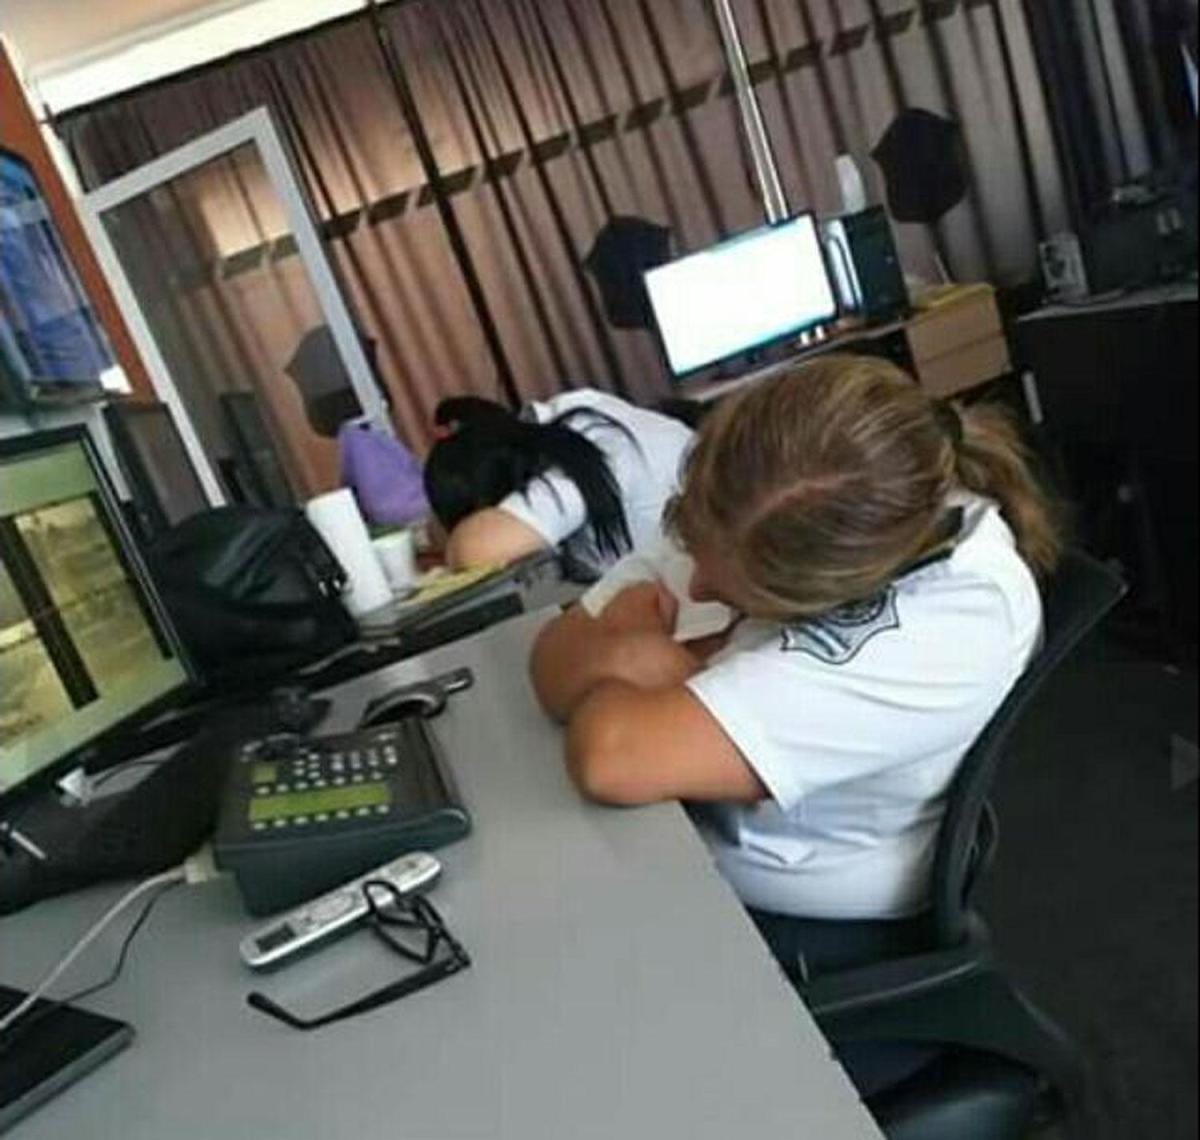 Se viralizaron fotos de policías durmiendo en el Centro de Monitoreo de Aguilares